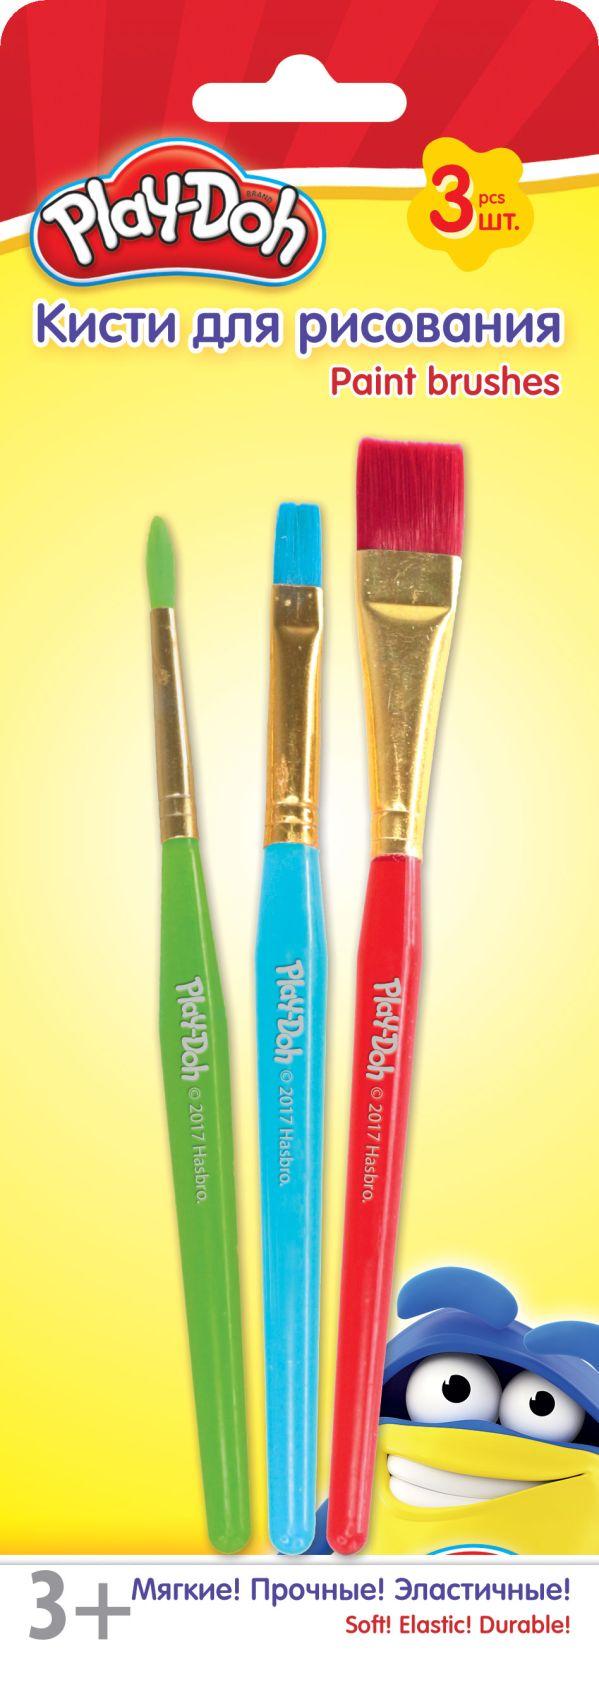 PDEB-US2-QBR-BL3 Кисти для рисования. Набор 3 шт.Размер: 22,5 х 8 х 1 см. Play Doh